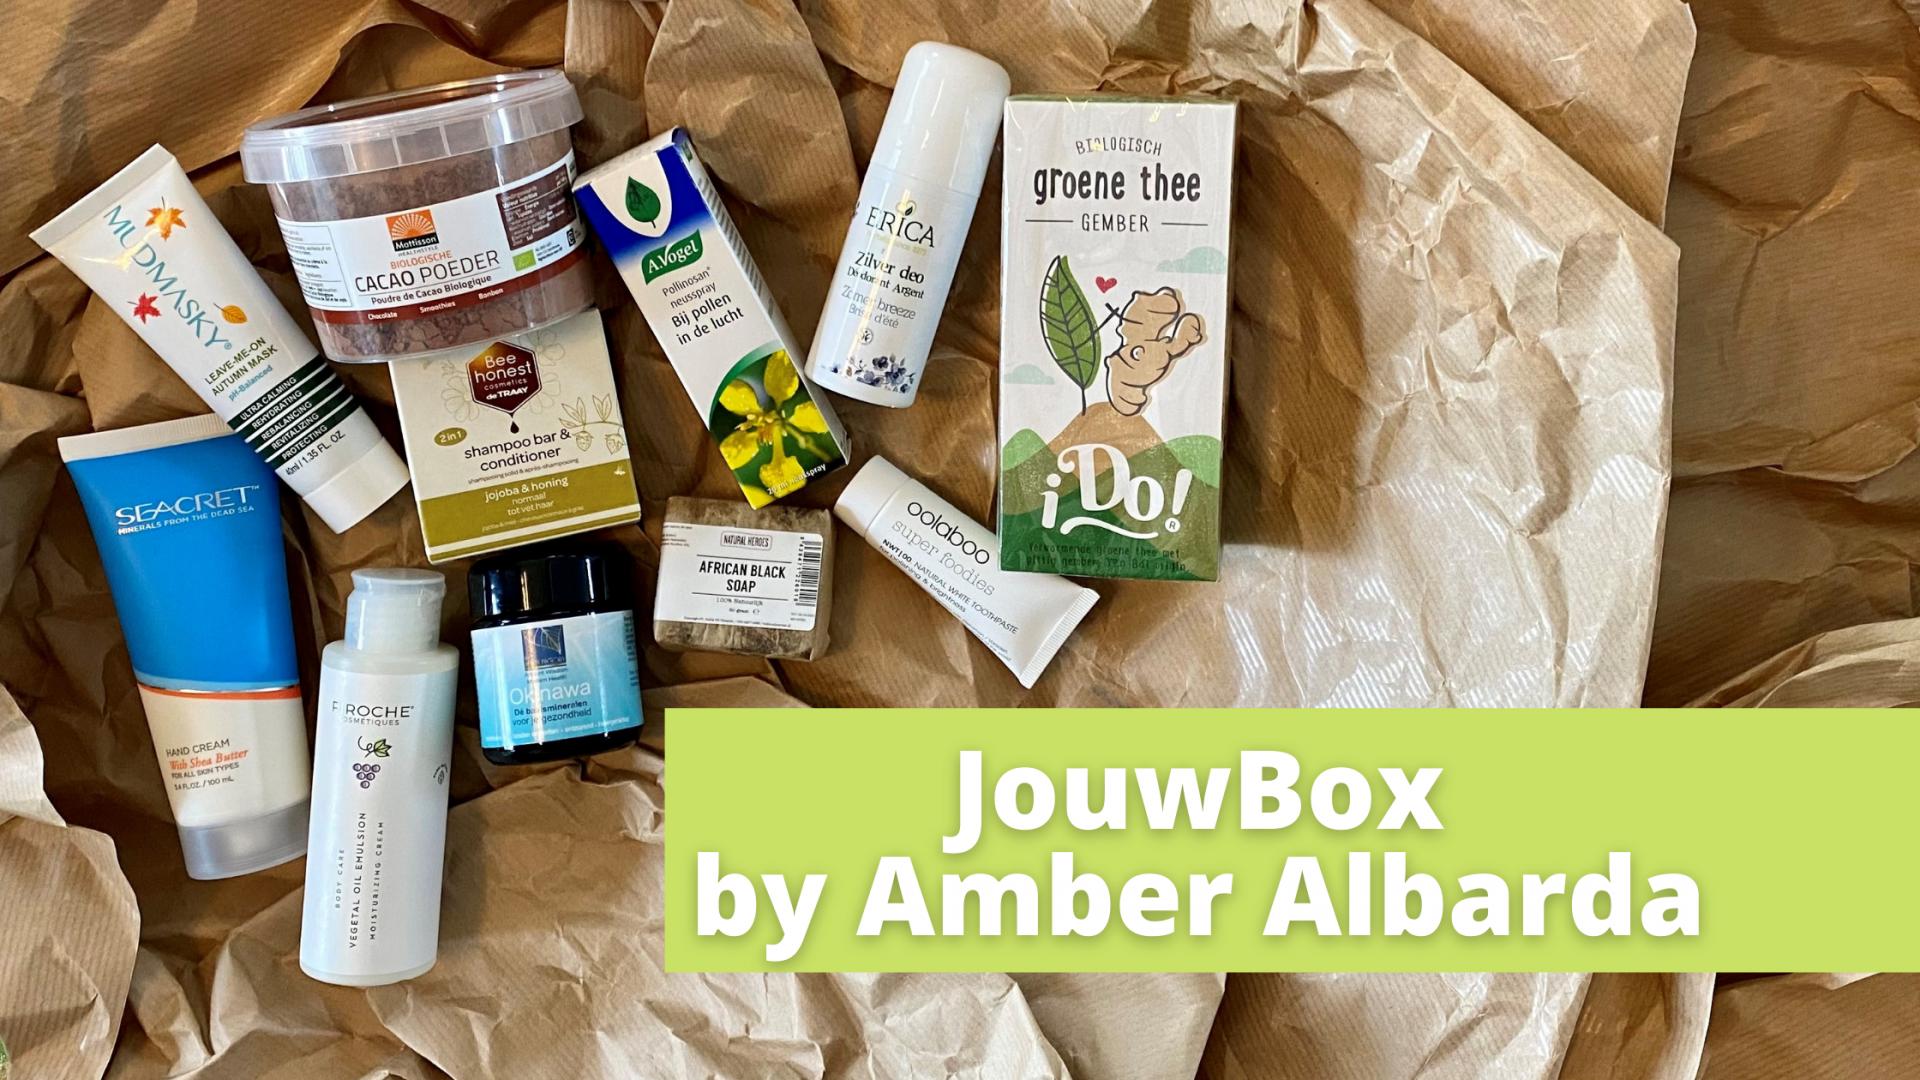 Bereid jezelf voor op herfst met de JouwBox by Amber Albarda